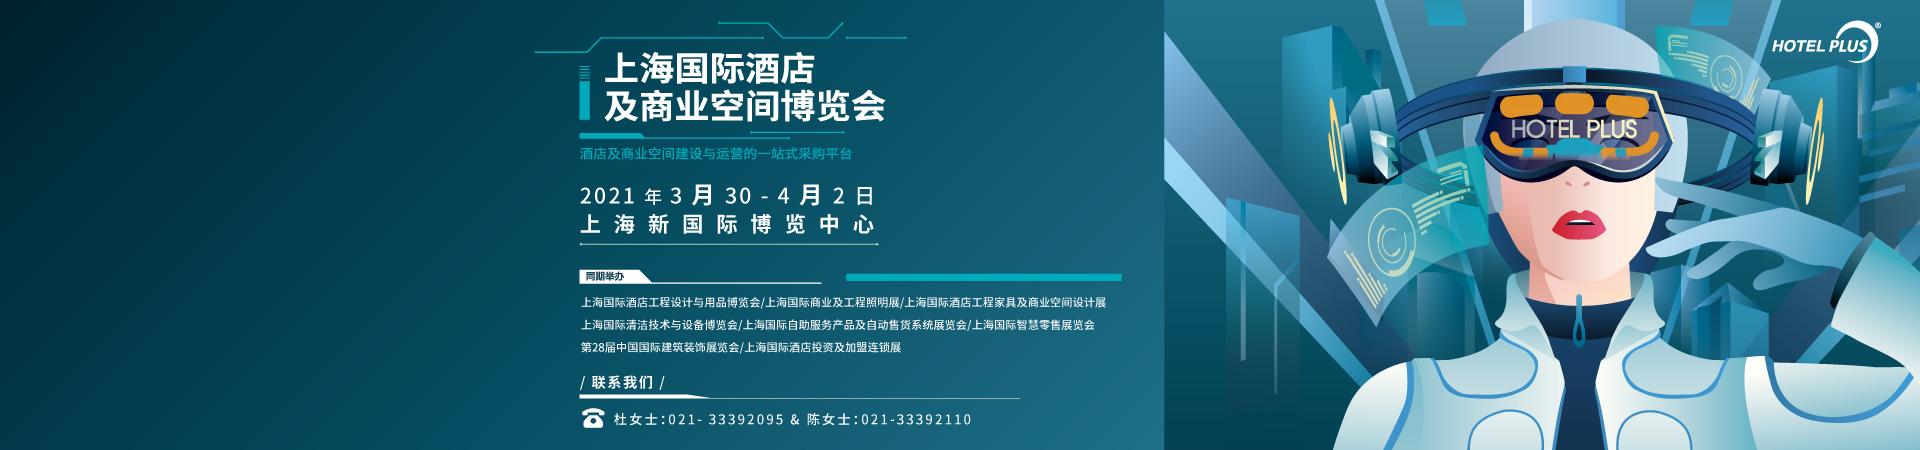 上海酒店及商業空間博覽會